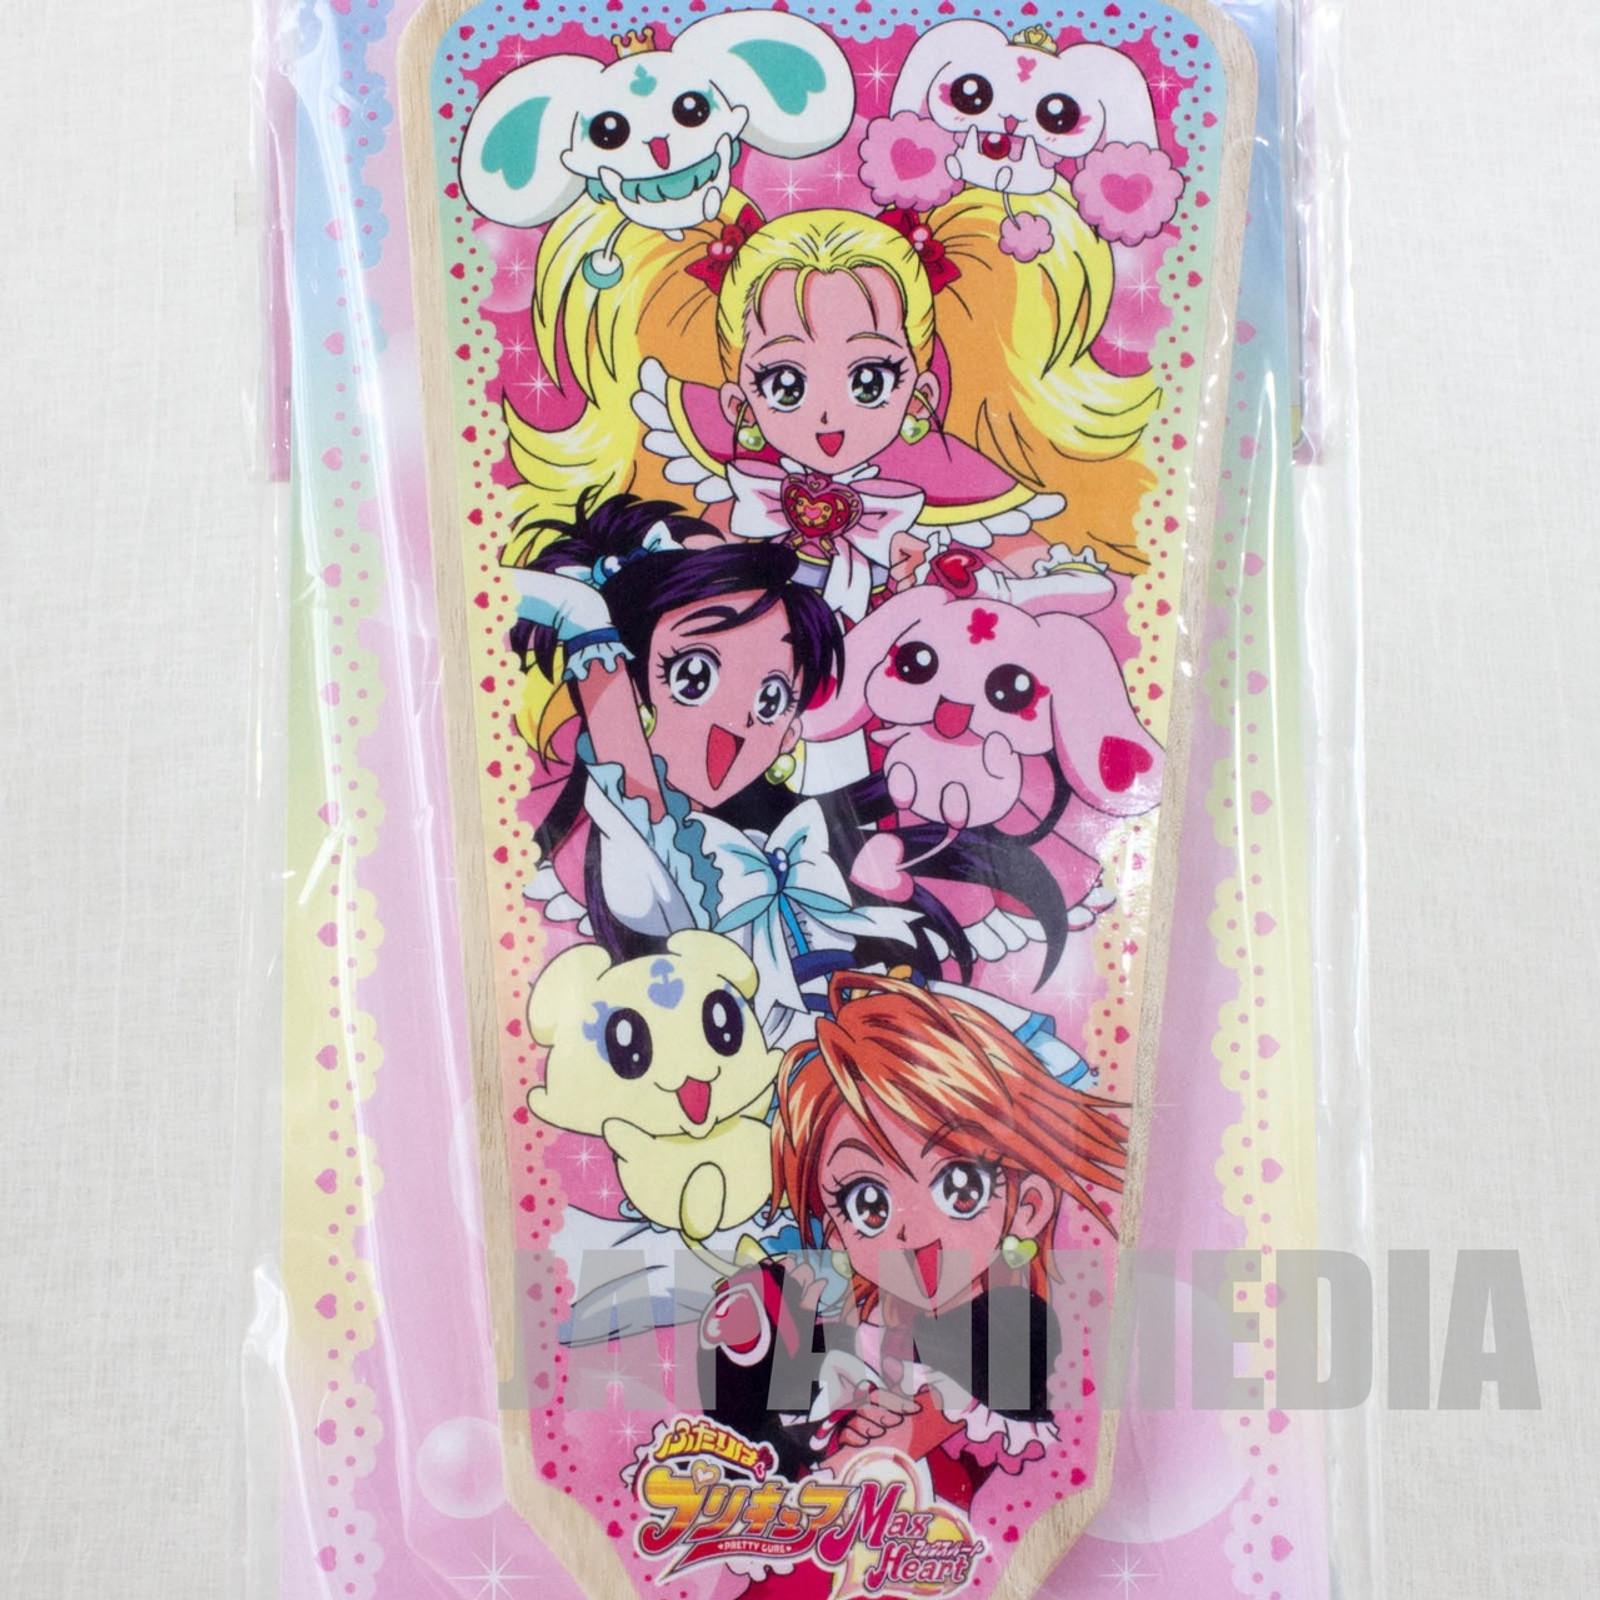 Futari wa Pretty Cure Max Heart Hagoita Popy 2005 JAPAN ANIME